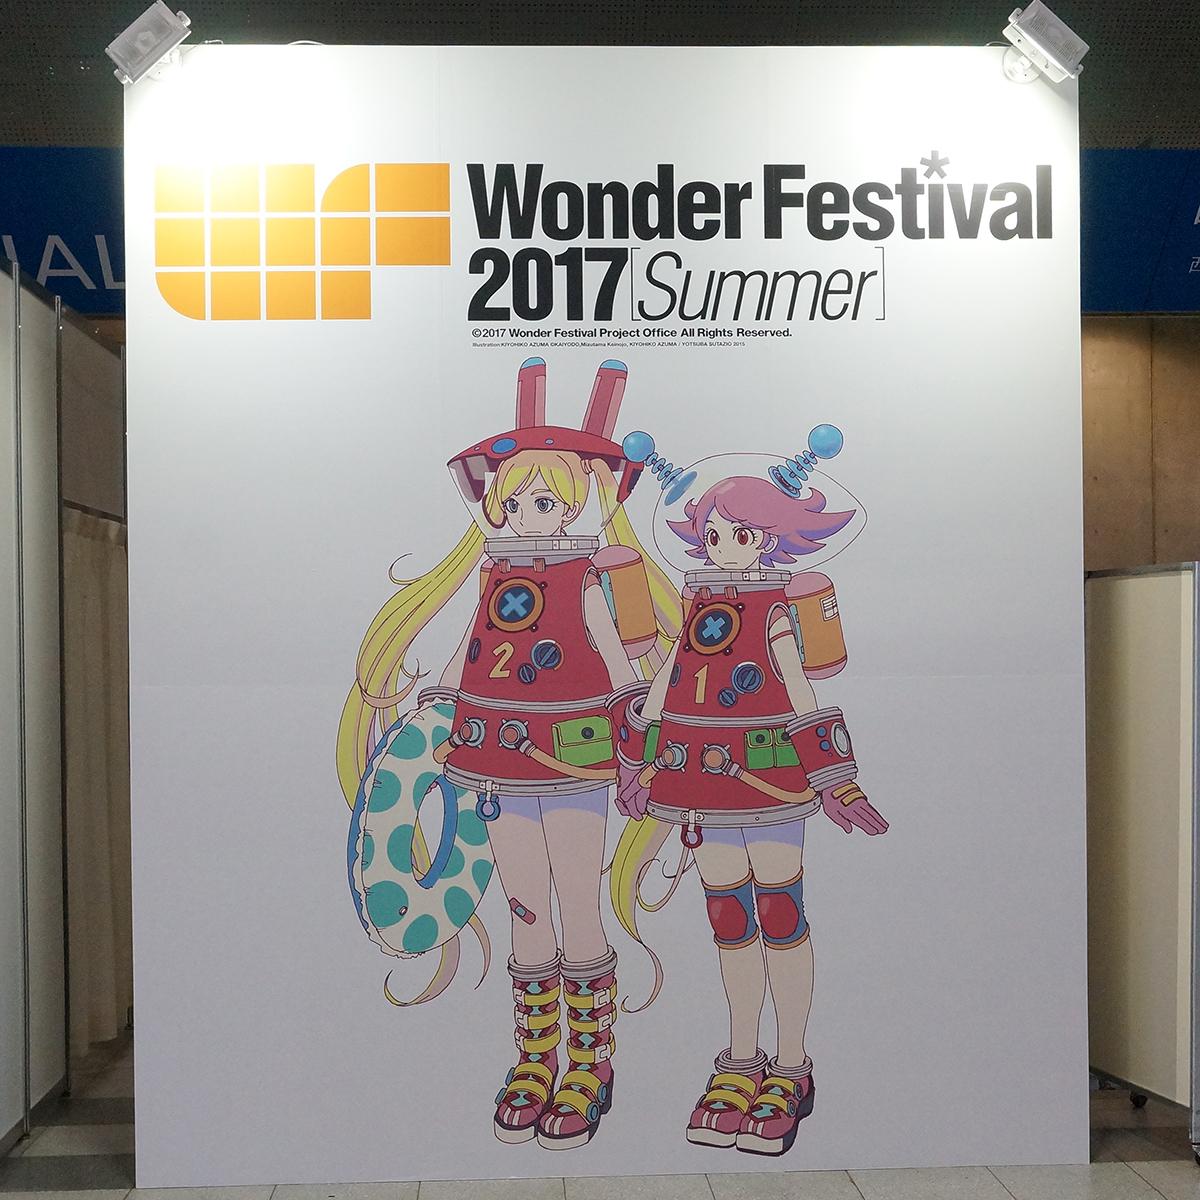 WF2017S-002